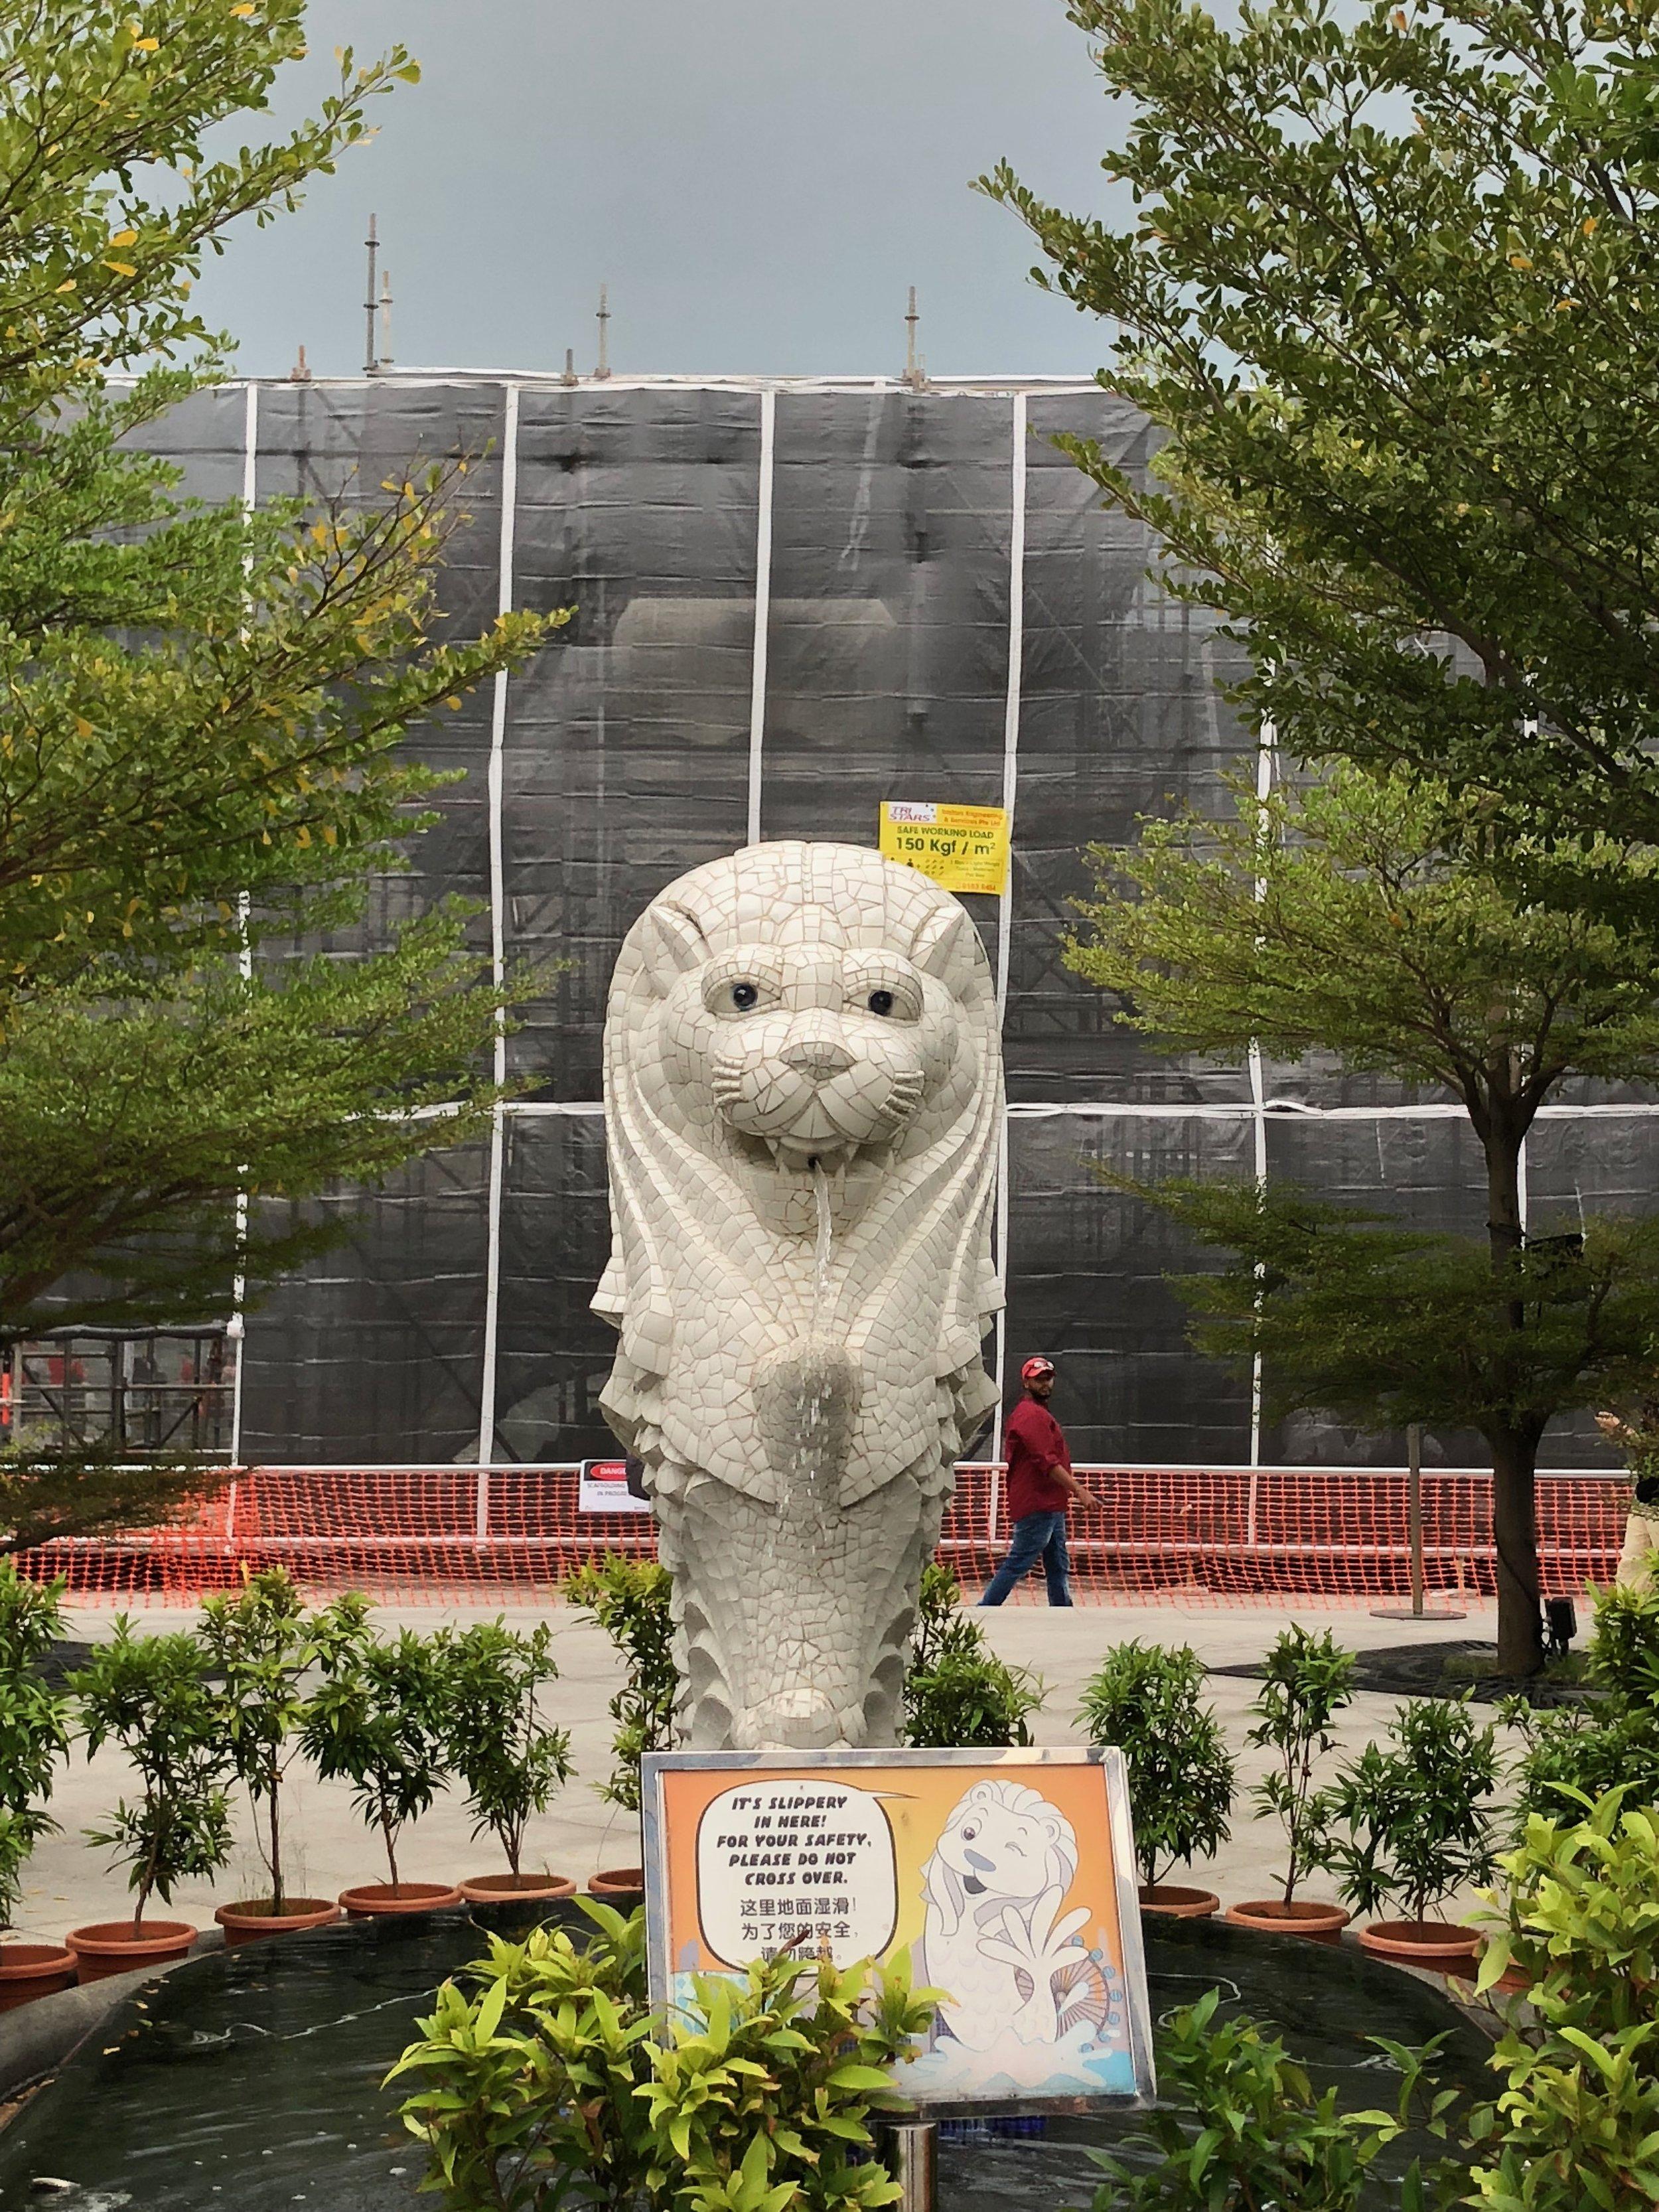 ¡Al final, el Merlion! Esta estatua es un Merlion, parte león y parte pescado. Esta estatua es una versión más pequeña del Merlion real, lo que esta debajo construcción atrás del pequeño Merlion. Camina tanto solo para ver esta estatua pequeñita.